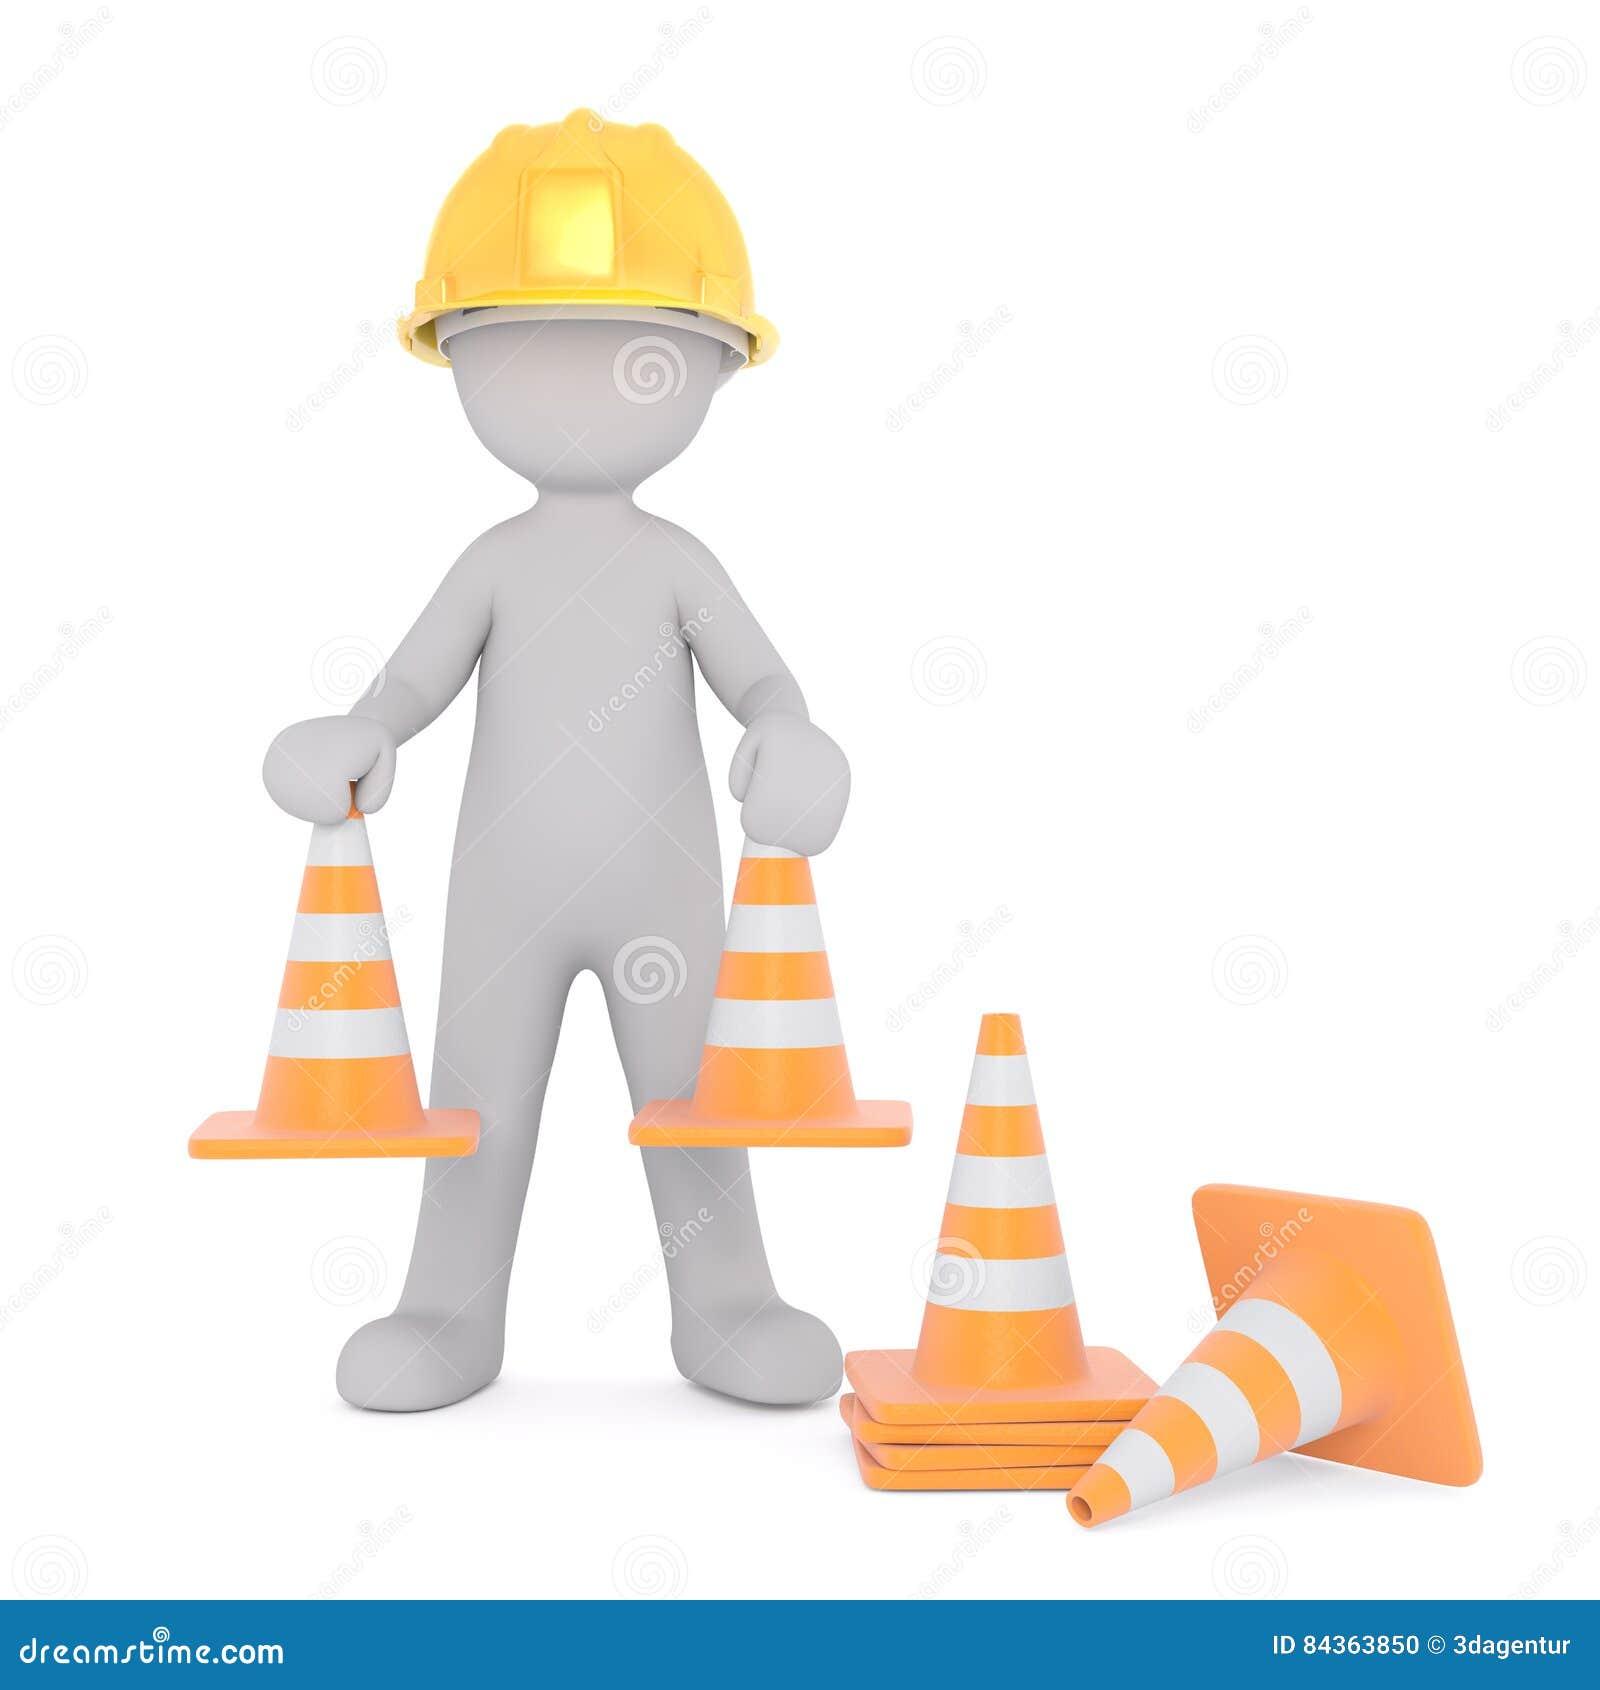 trabalhador da construção placing safety cones dos desenhos animados